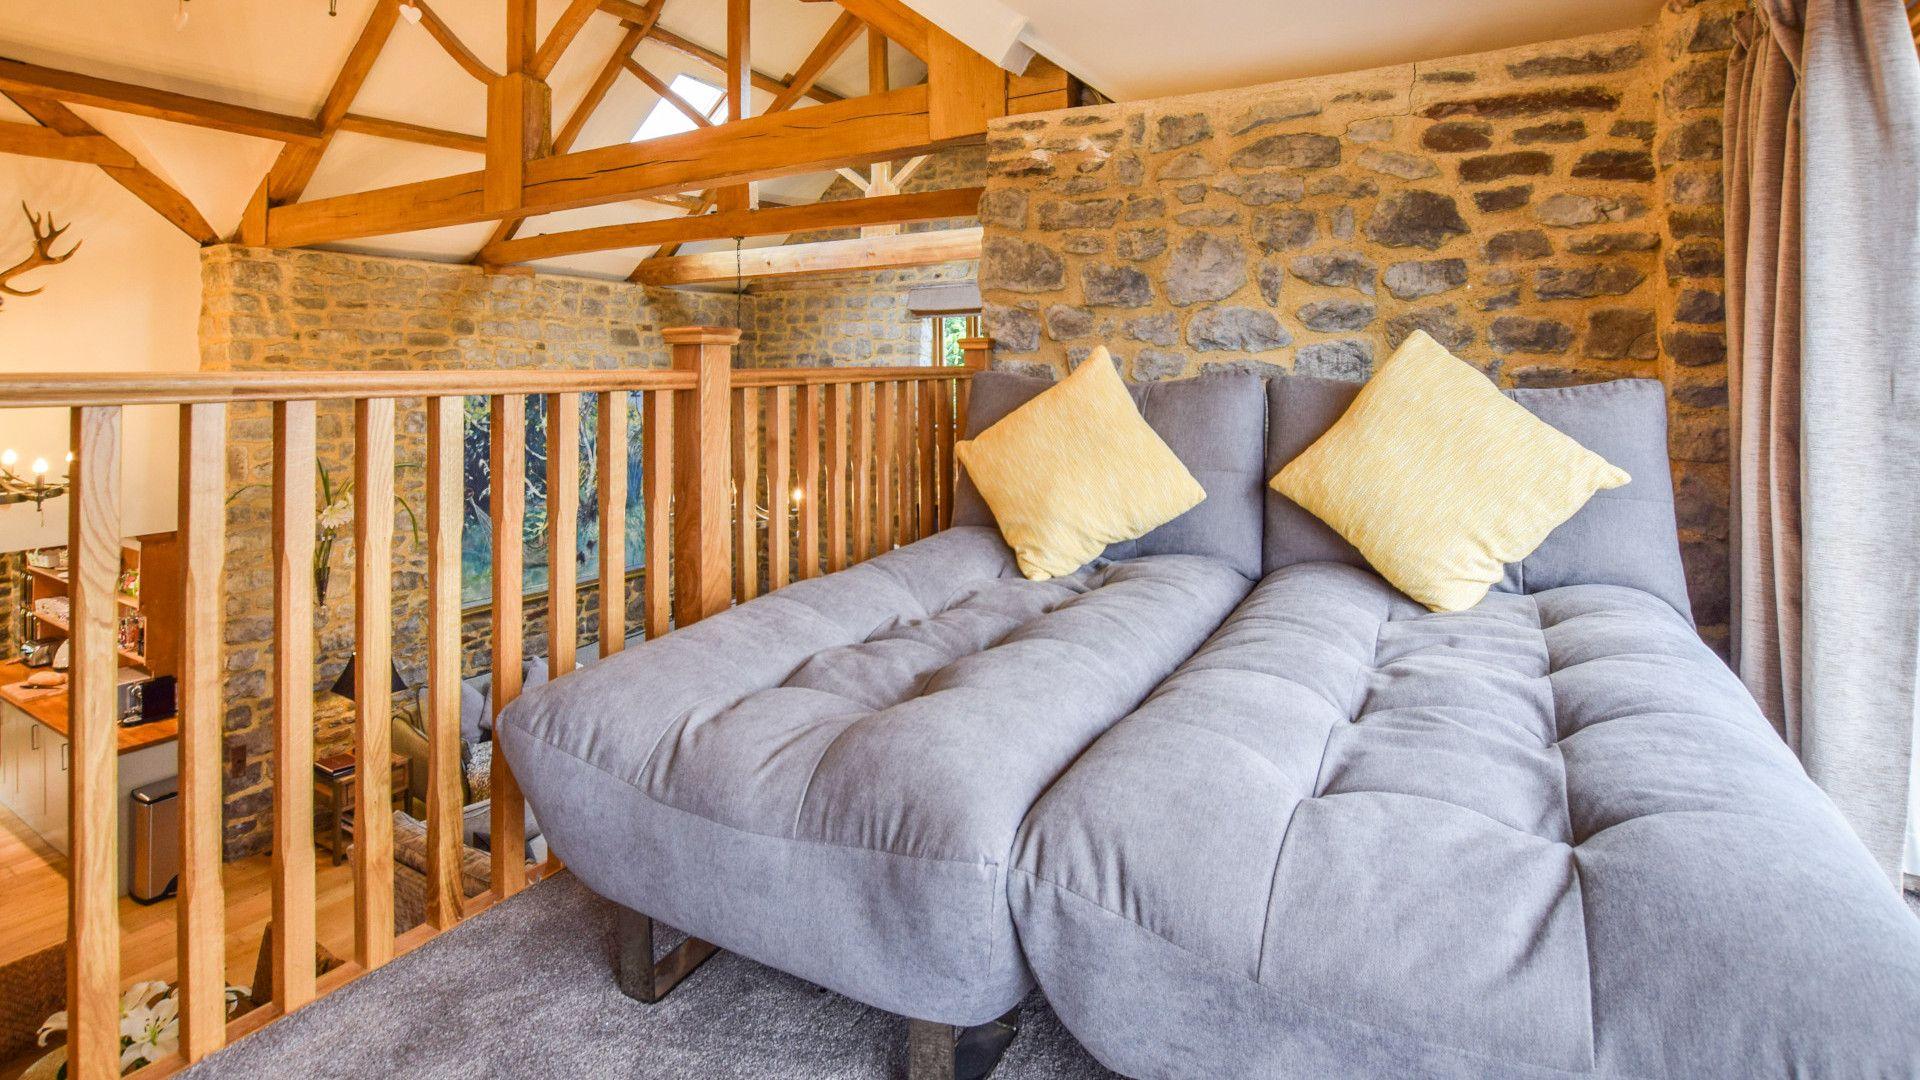 Mezzanine sleeping area, Tythe Barn at Avon Farm, Bolthole Retreats